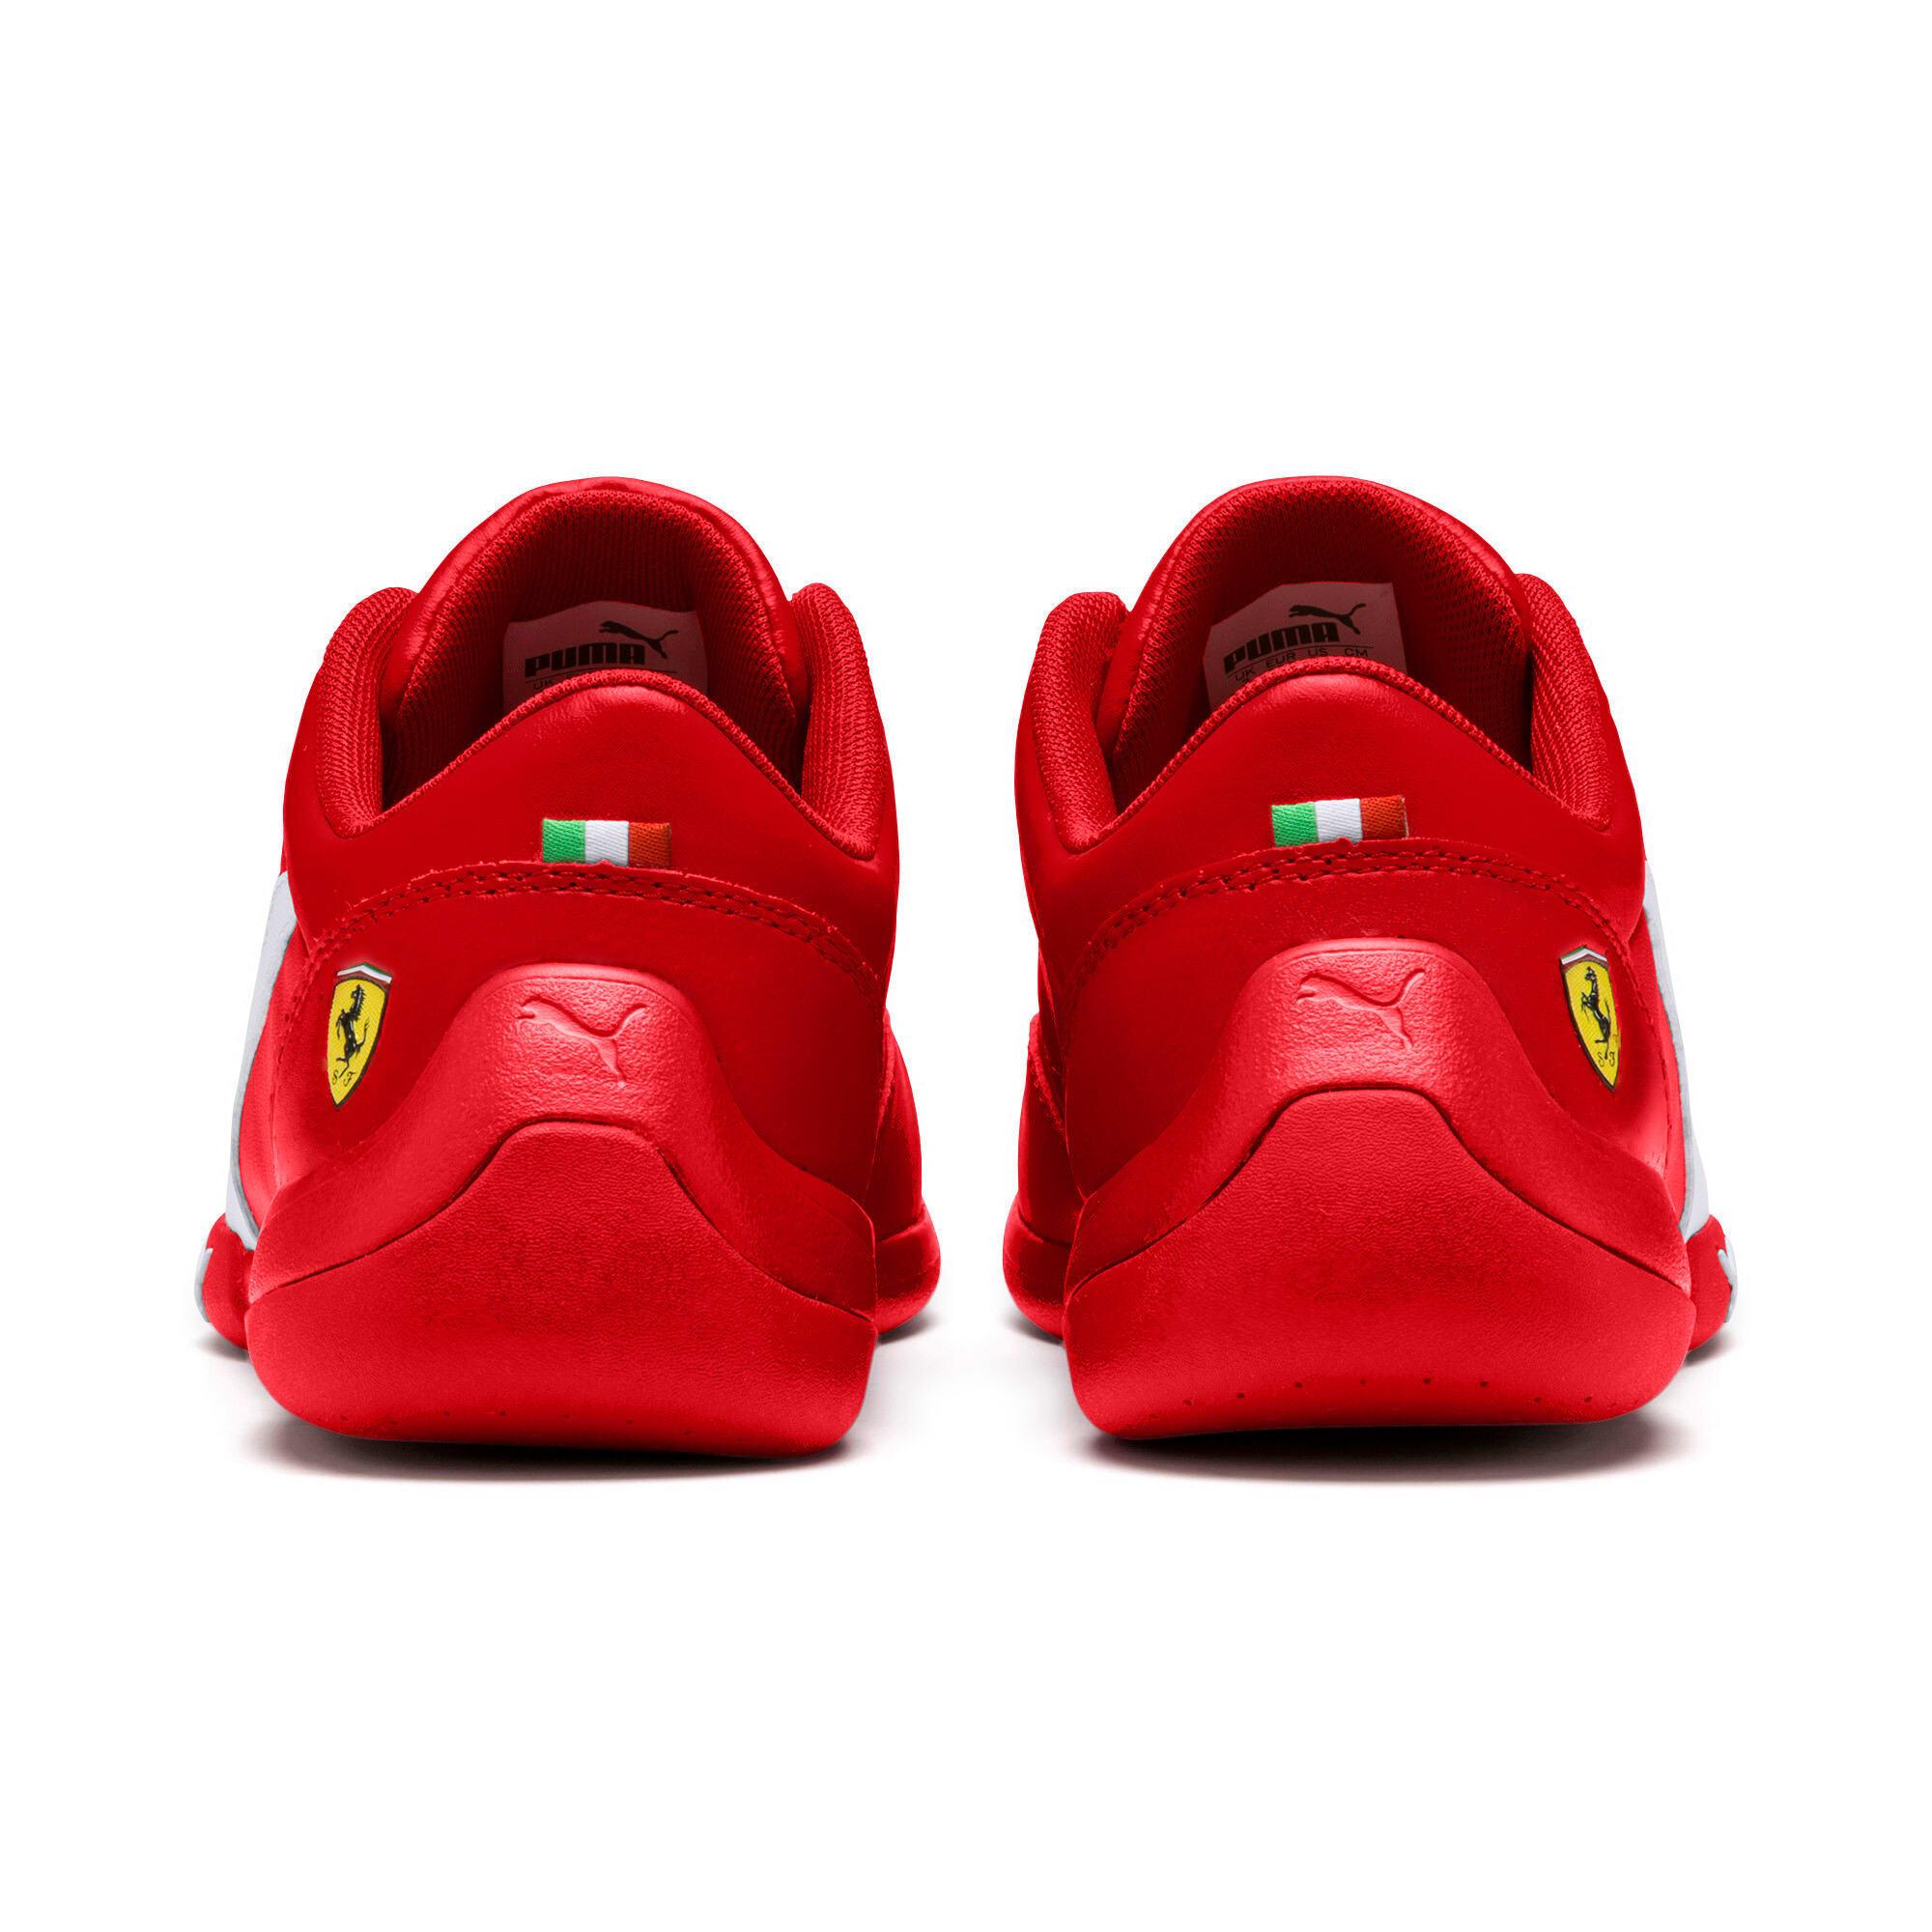 Miniatura 4 de Zapatos Scuderia Ferrari Kart Cat III JR, Rosso Corsa-Wht-Rosso Corsa, mediano